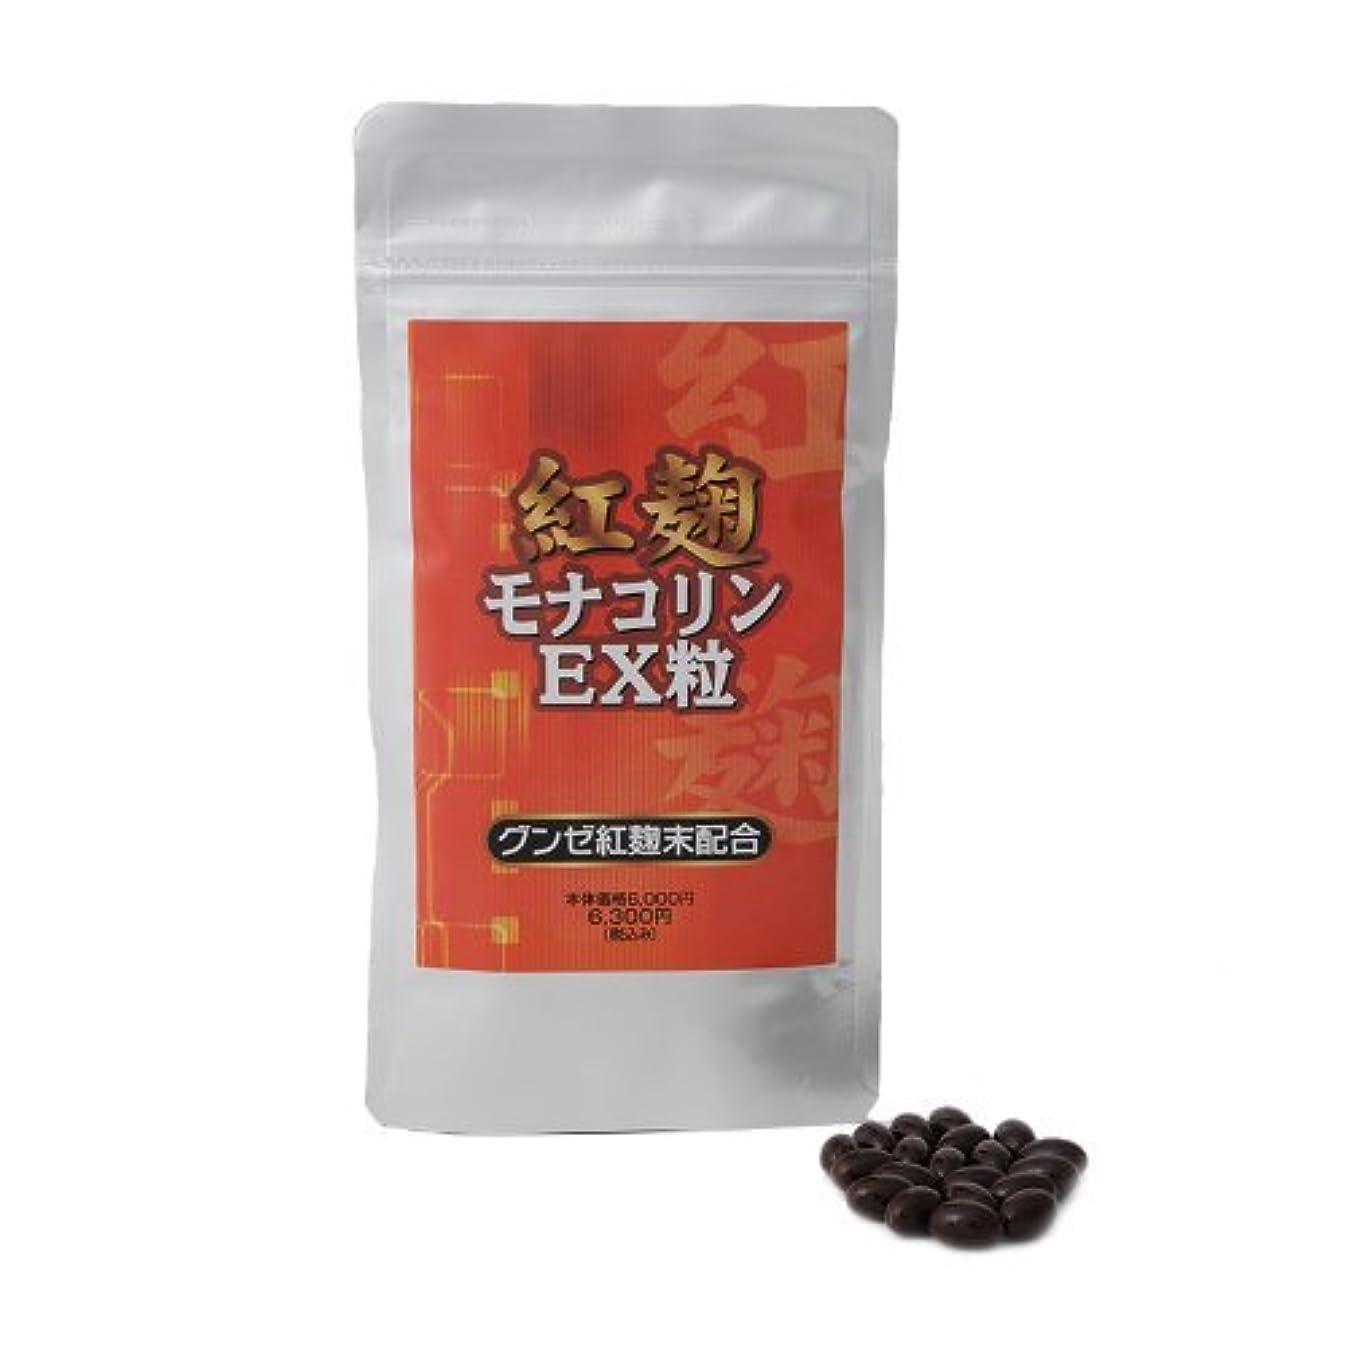 クリーナー存在する抵当紅麹モナコリンEX粒 (120粒/約1ヶ月分)グンゼの米紅麹末配合サプリメント